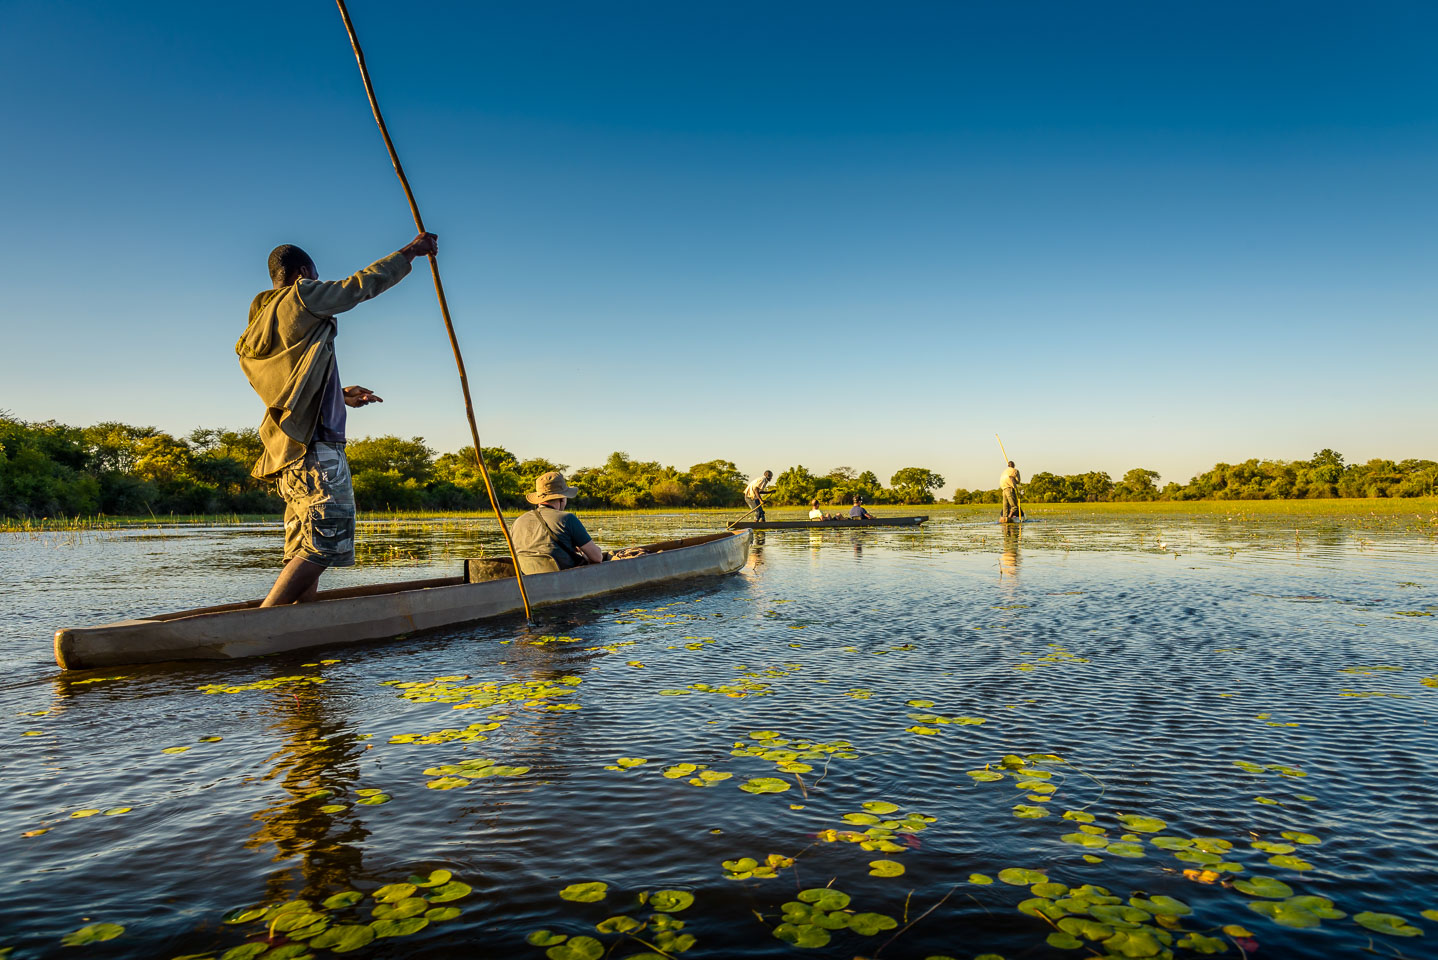 ZA131438-Mokoro-transport-at-the-Okavango-Delta.jpg